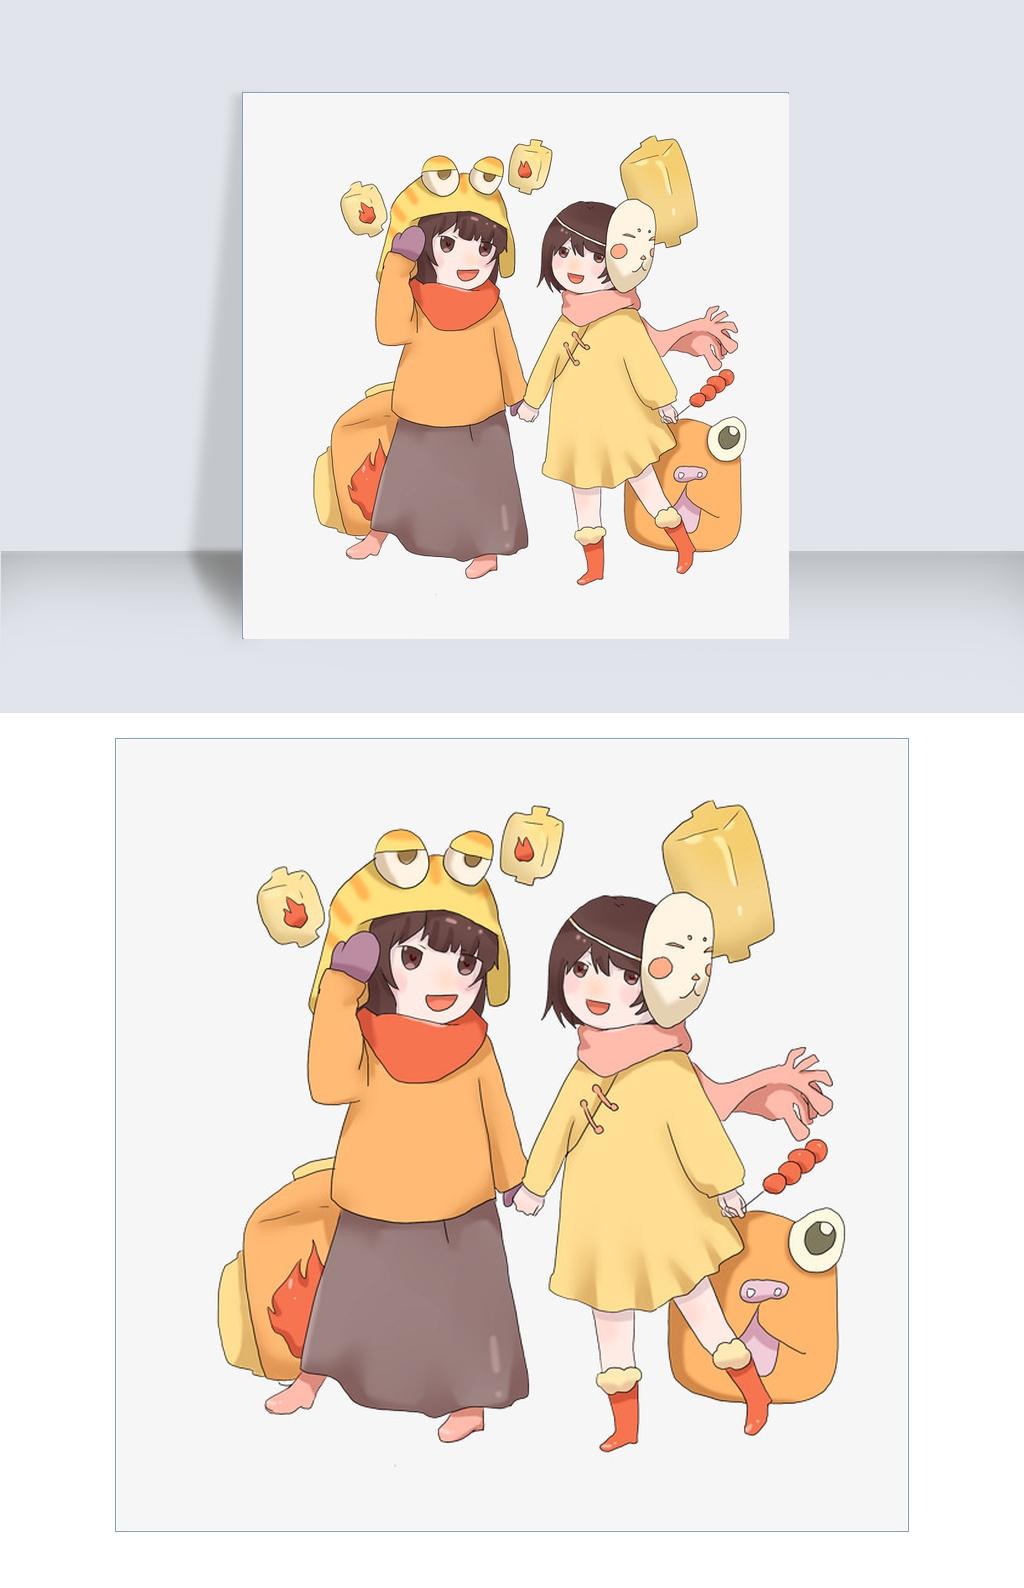 手绘新年戴面具的女孩插画图片素材 其他格式 下载 动漫人物ag8.com 开户